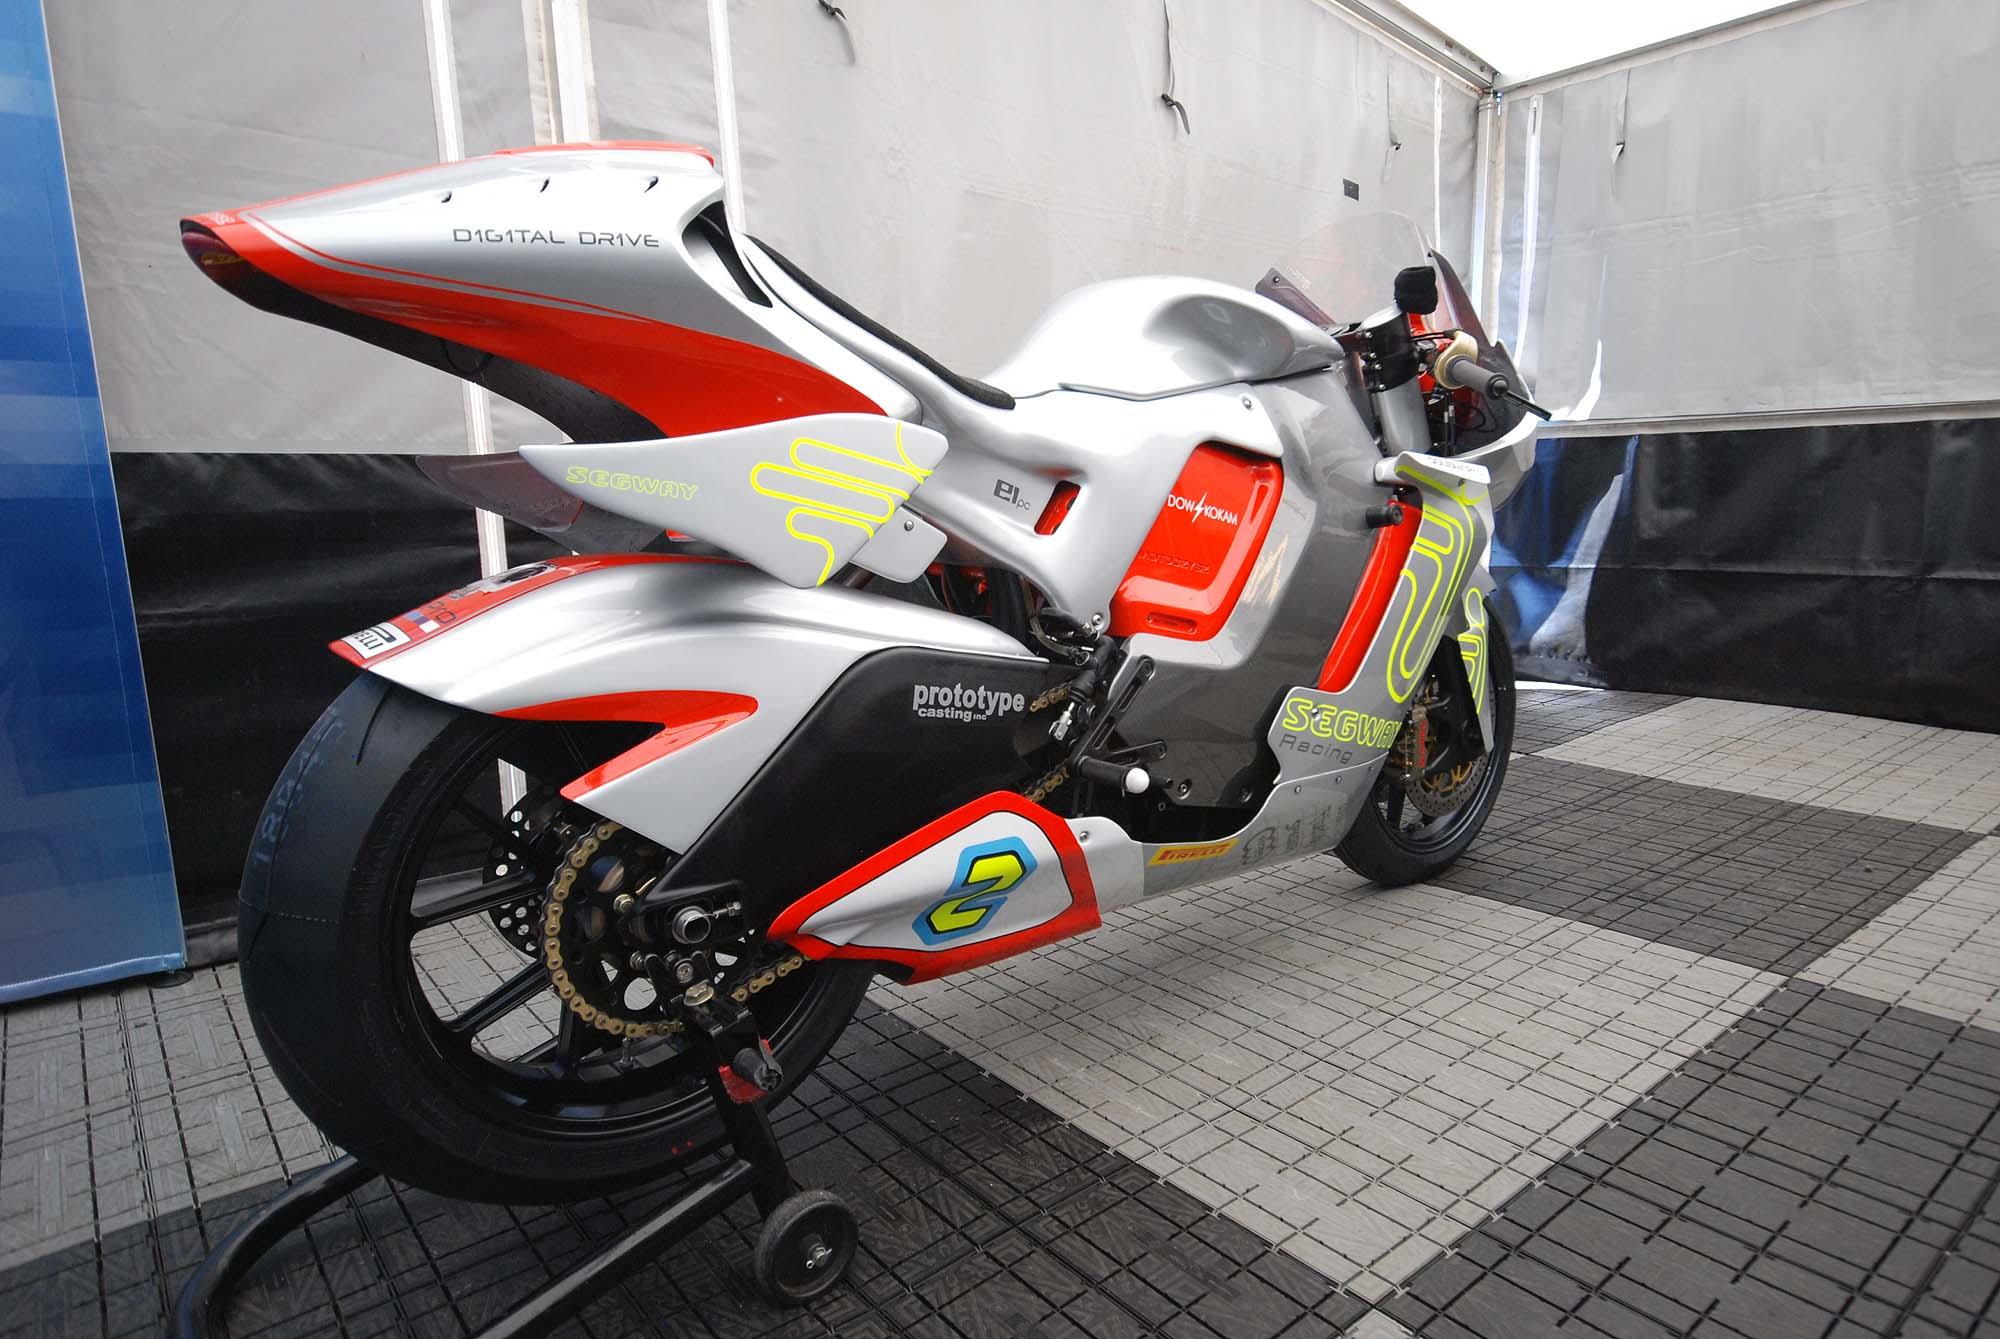 TT Ile de Man 2012-motoczysz-e1pc-iomtt-pit-05